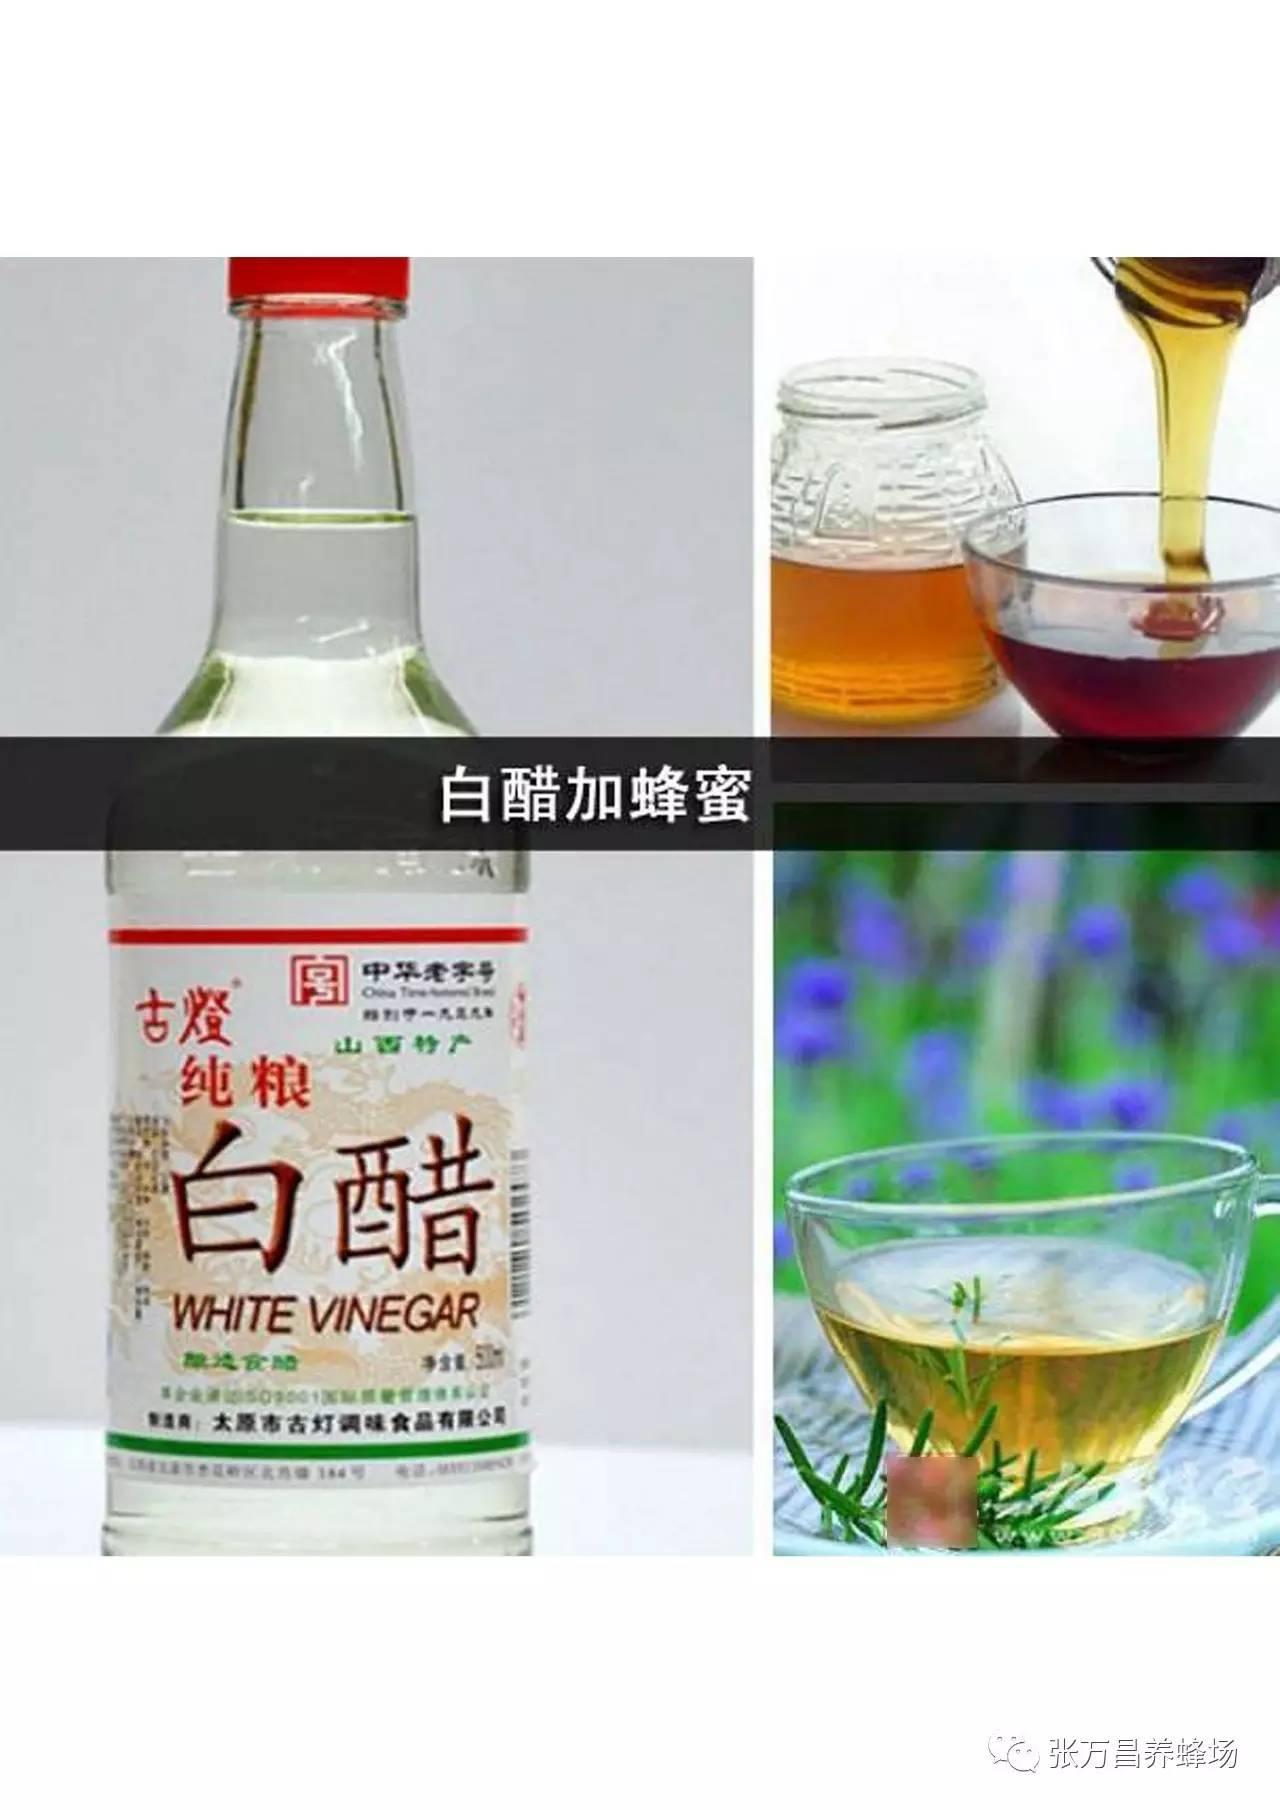 百花蜂蜜 蜂蜜怎样做面膜 蜂蜜喝法 蜂产品加工 蜂蜜祛斑方法